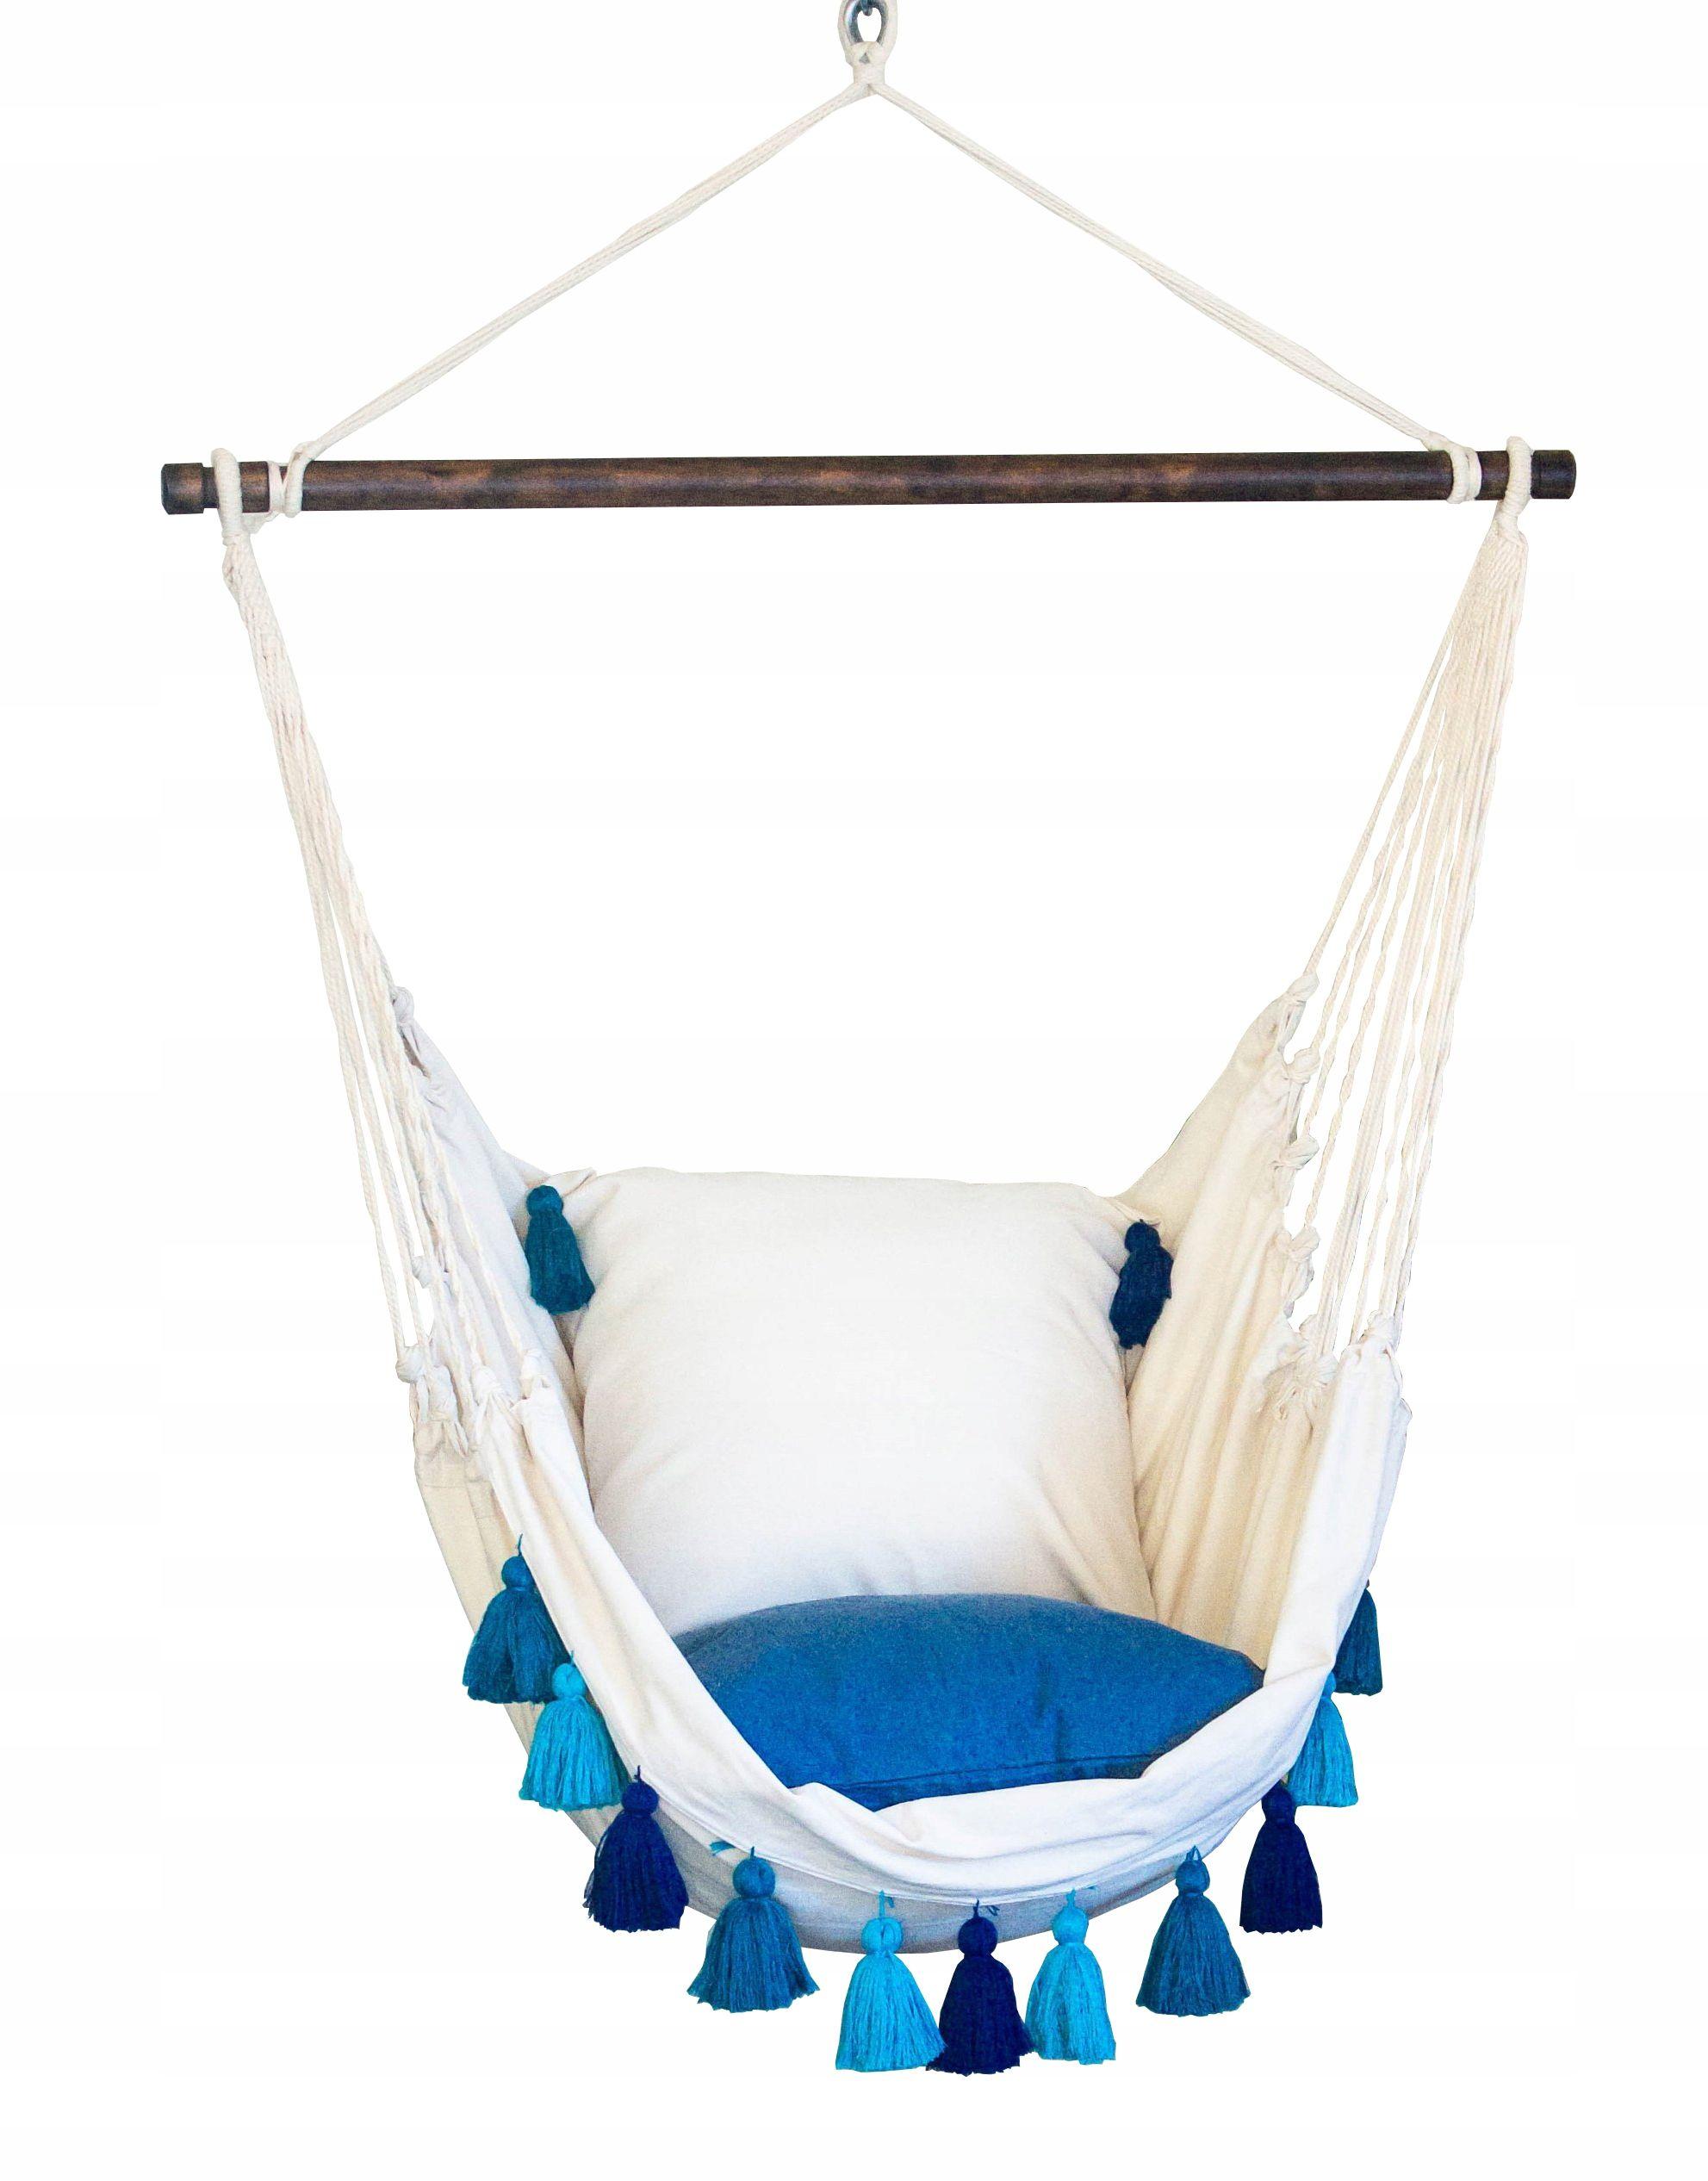 Kup Teraz Na Allegro Pl Za 129 Zl Krzeslo Brazylijskie Wiszace Z Poduszkami Boho Xxl 8128992685 Allegro Pl Radosc Za Hanging Chair Outdoor Decor Hammock